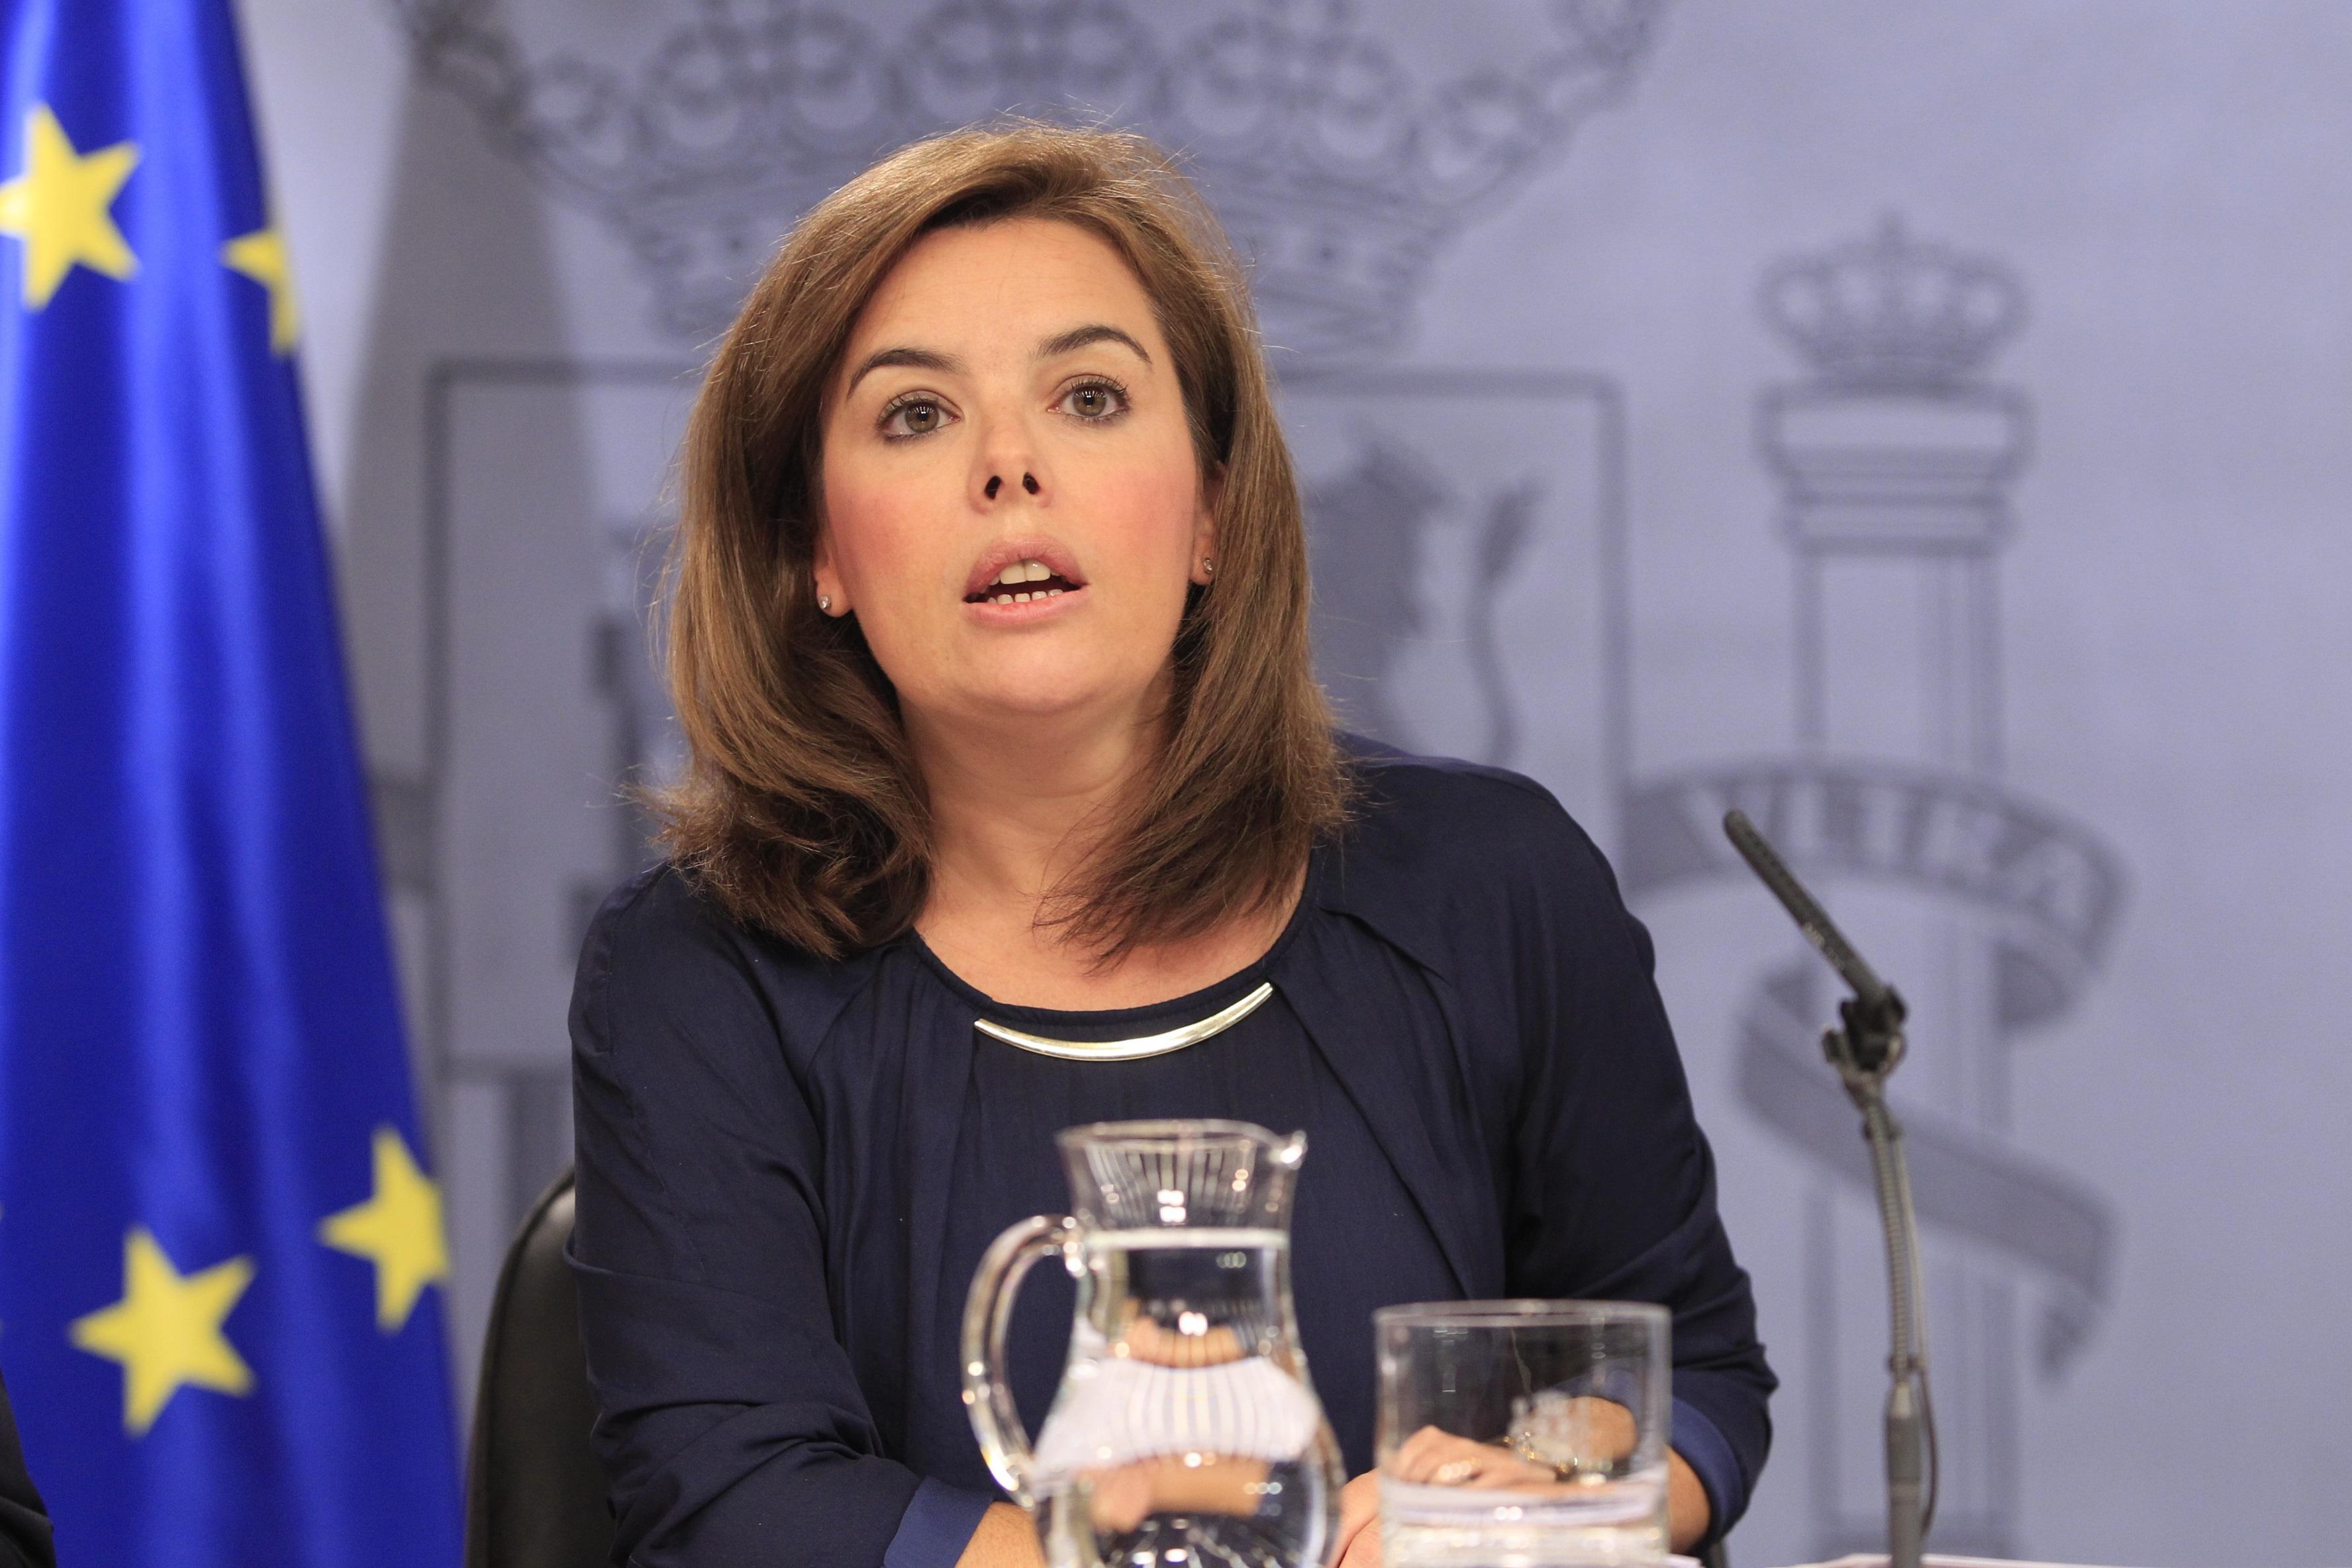 El ministro del Interior dará explicaciones en el Congreso sobre la investigación del ataque en Blanquerna